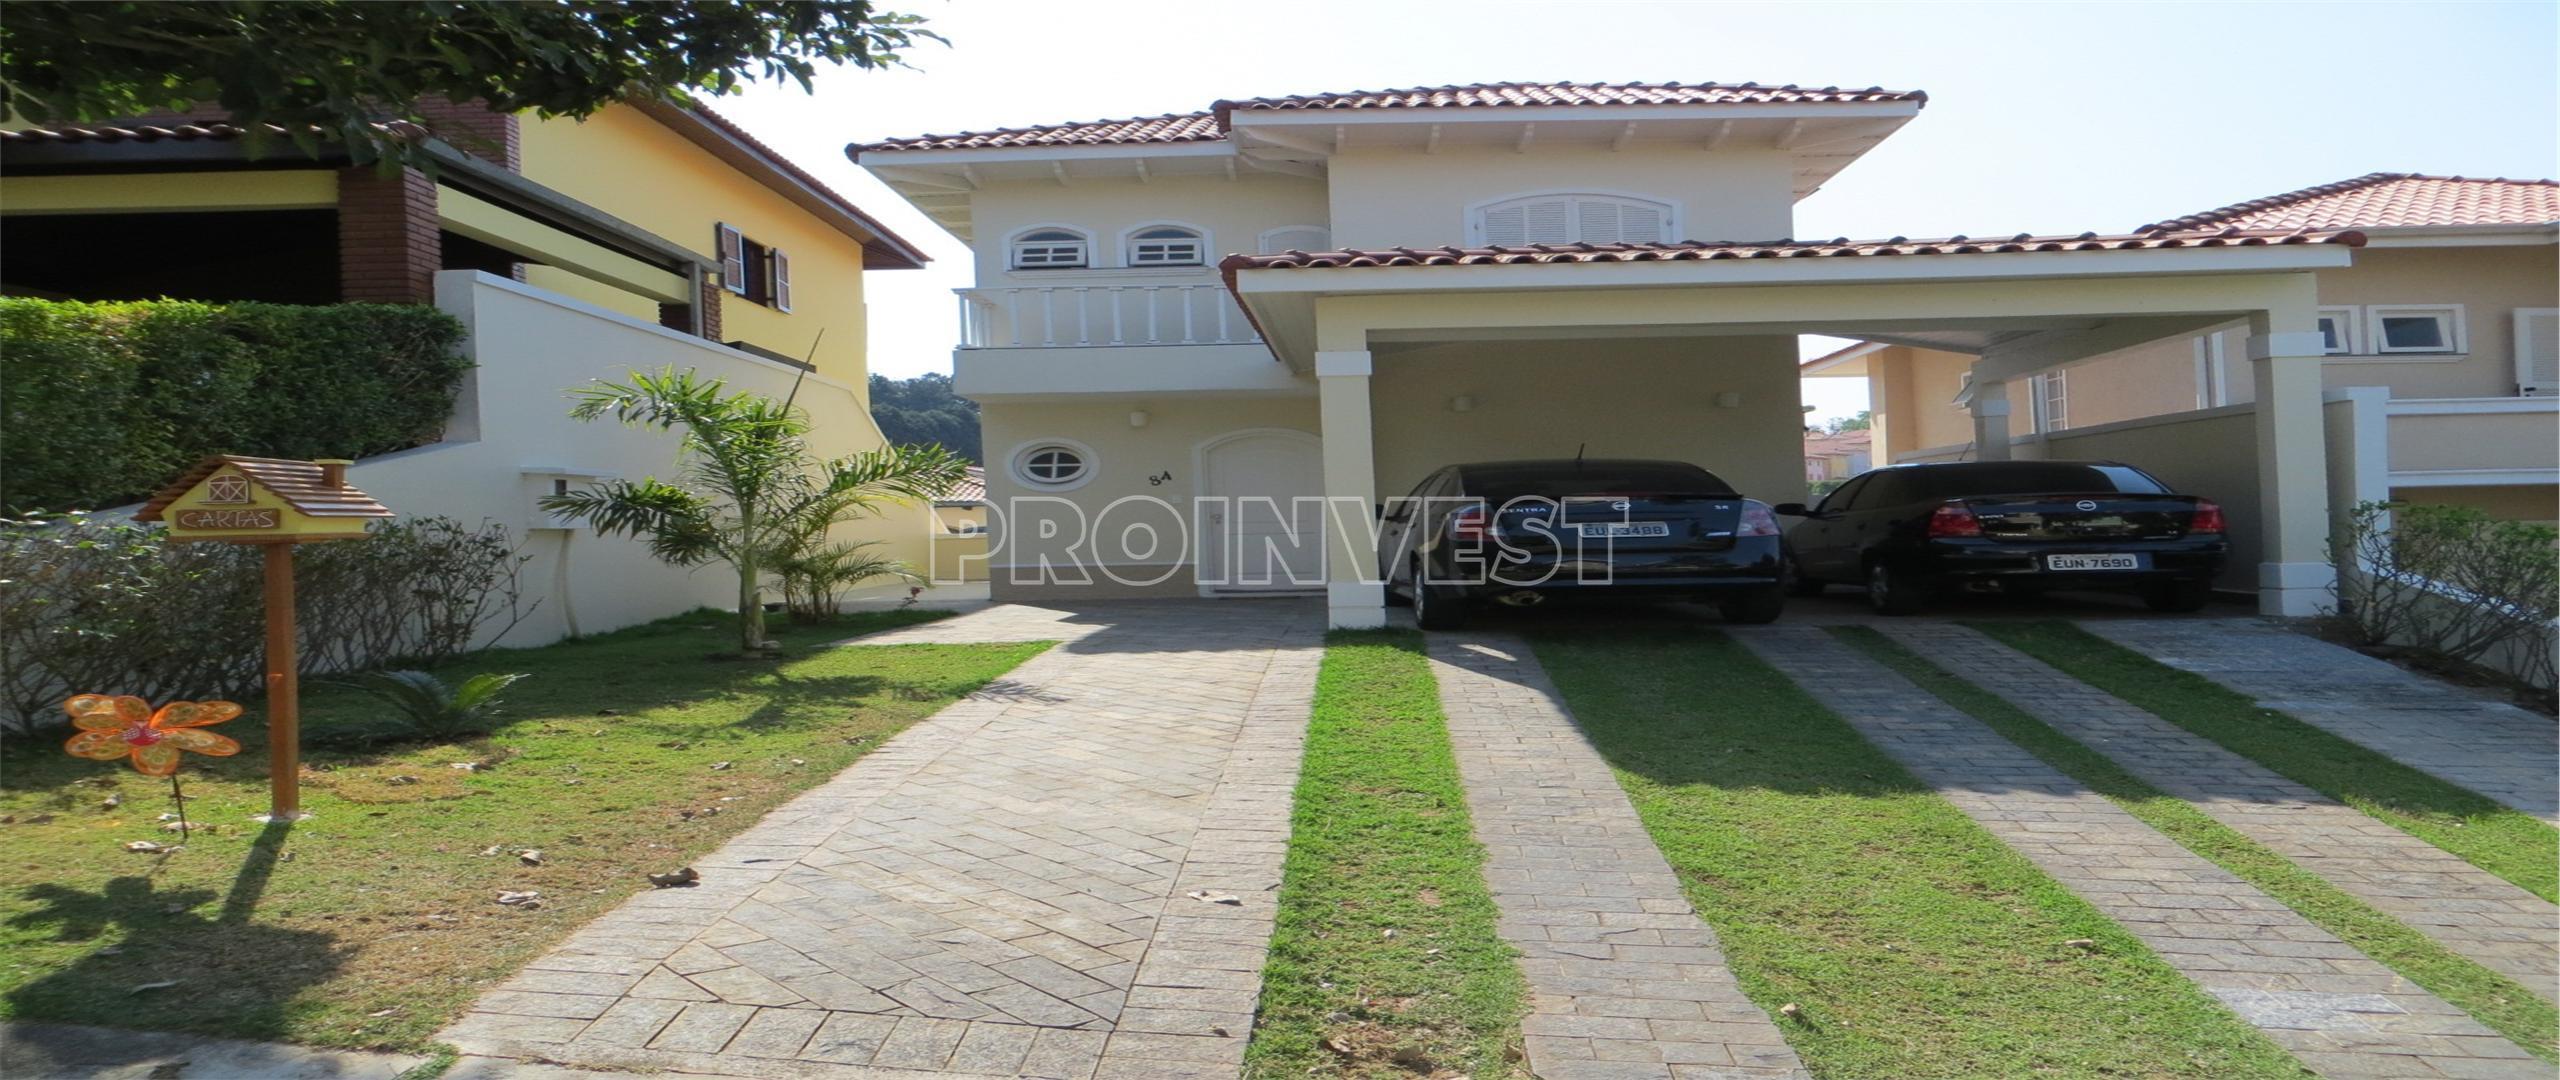 Casa de 4 dormitórios em Vila Nova, Cotia - SP